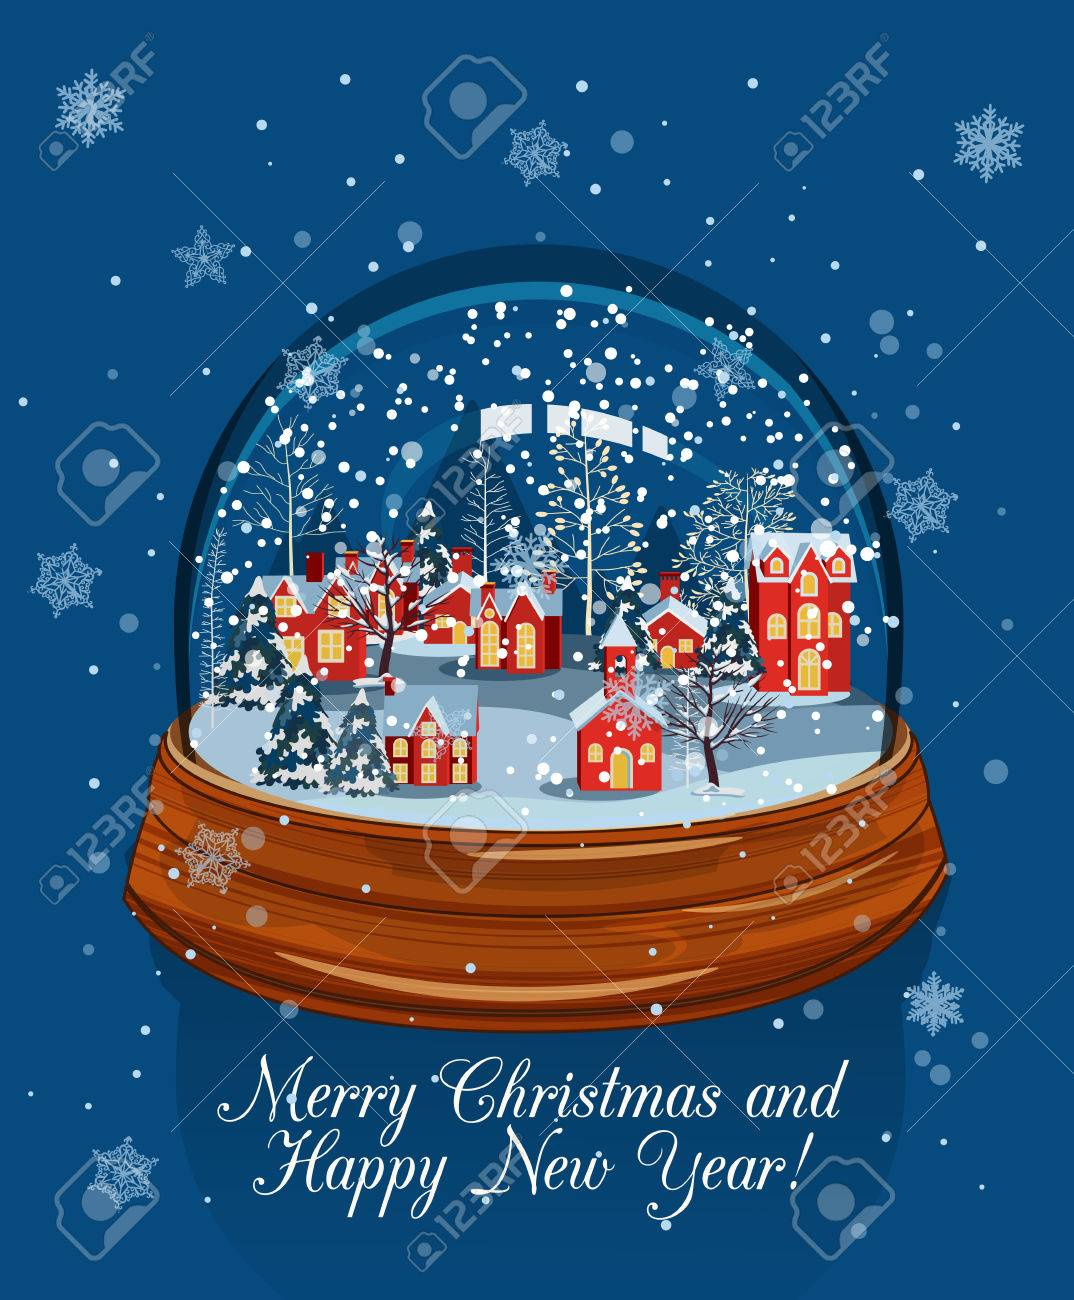 ガラスの雪のボールのクリスマス風景のイラストクリスマスの雪の世界の